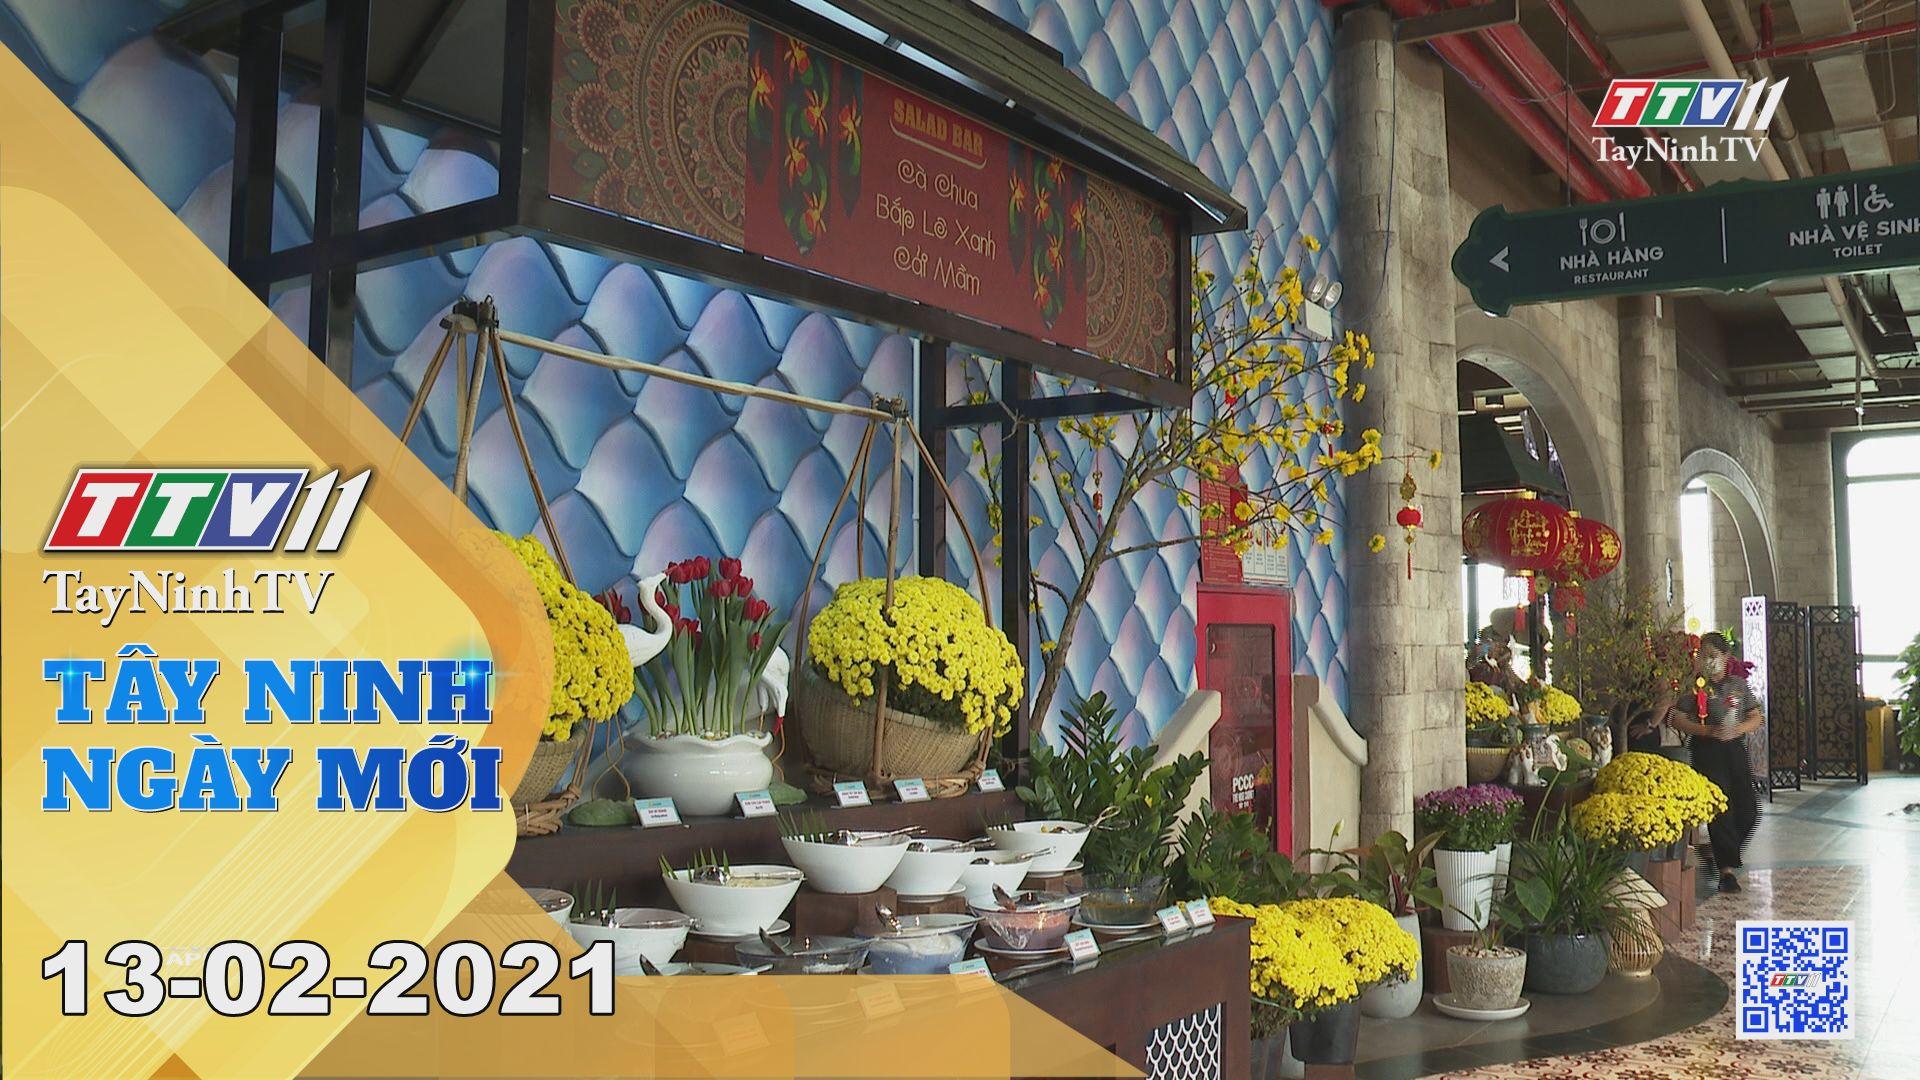 Tây Ninh Ngày Mới 13-02-2021   Tin tức hôm nay   TayNinhTV